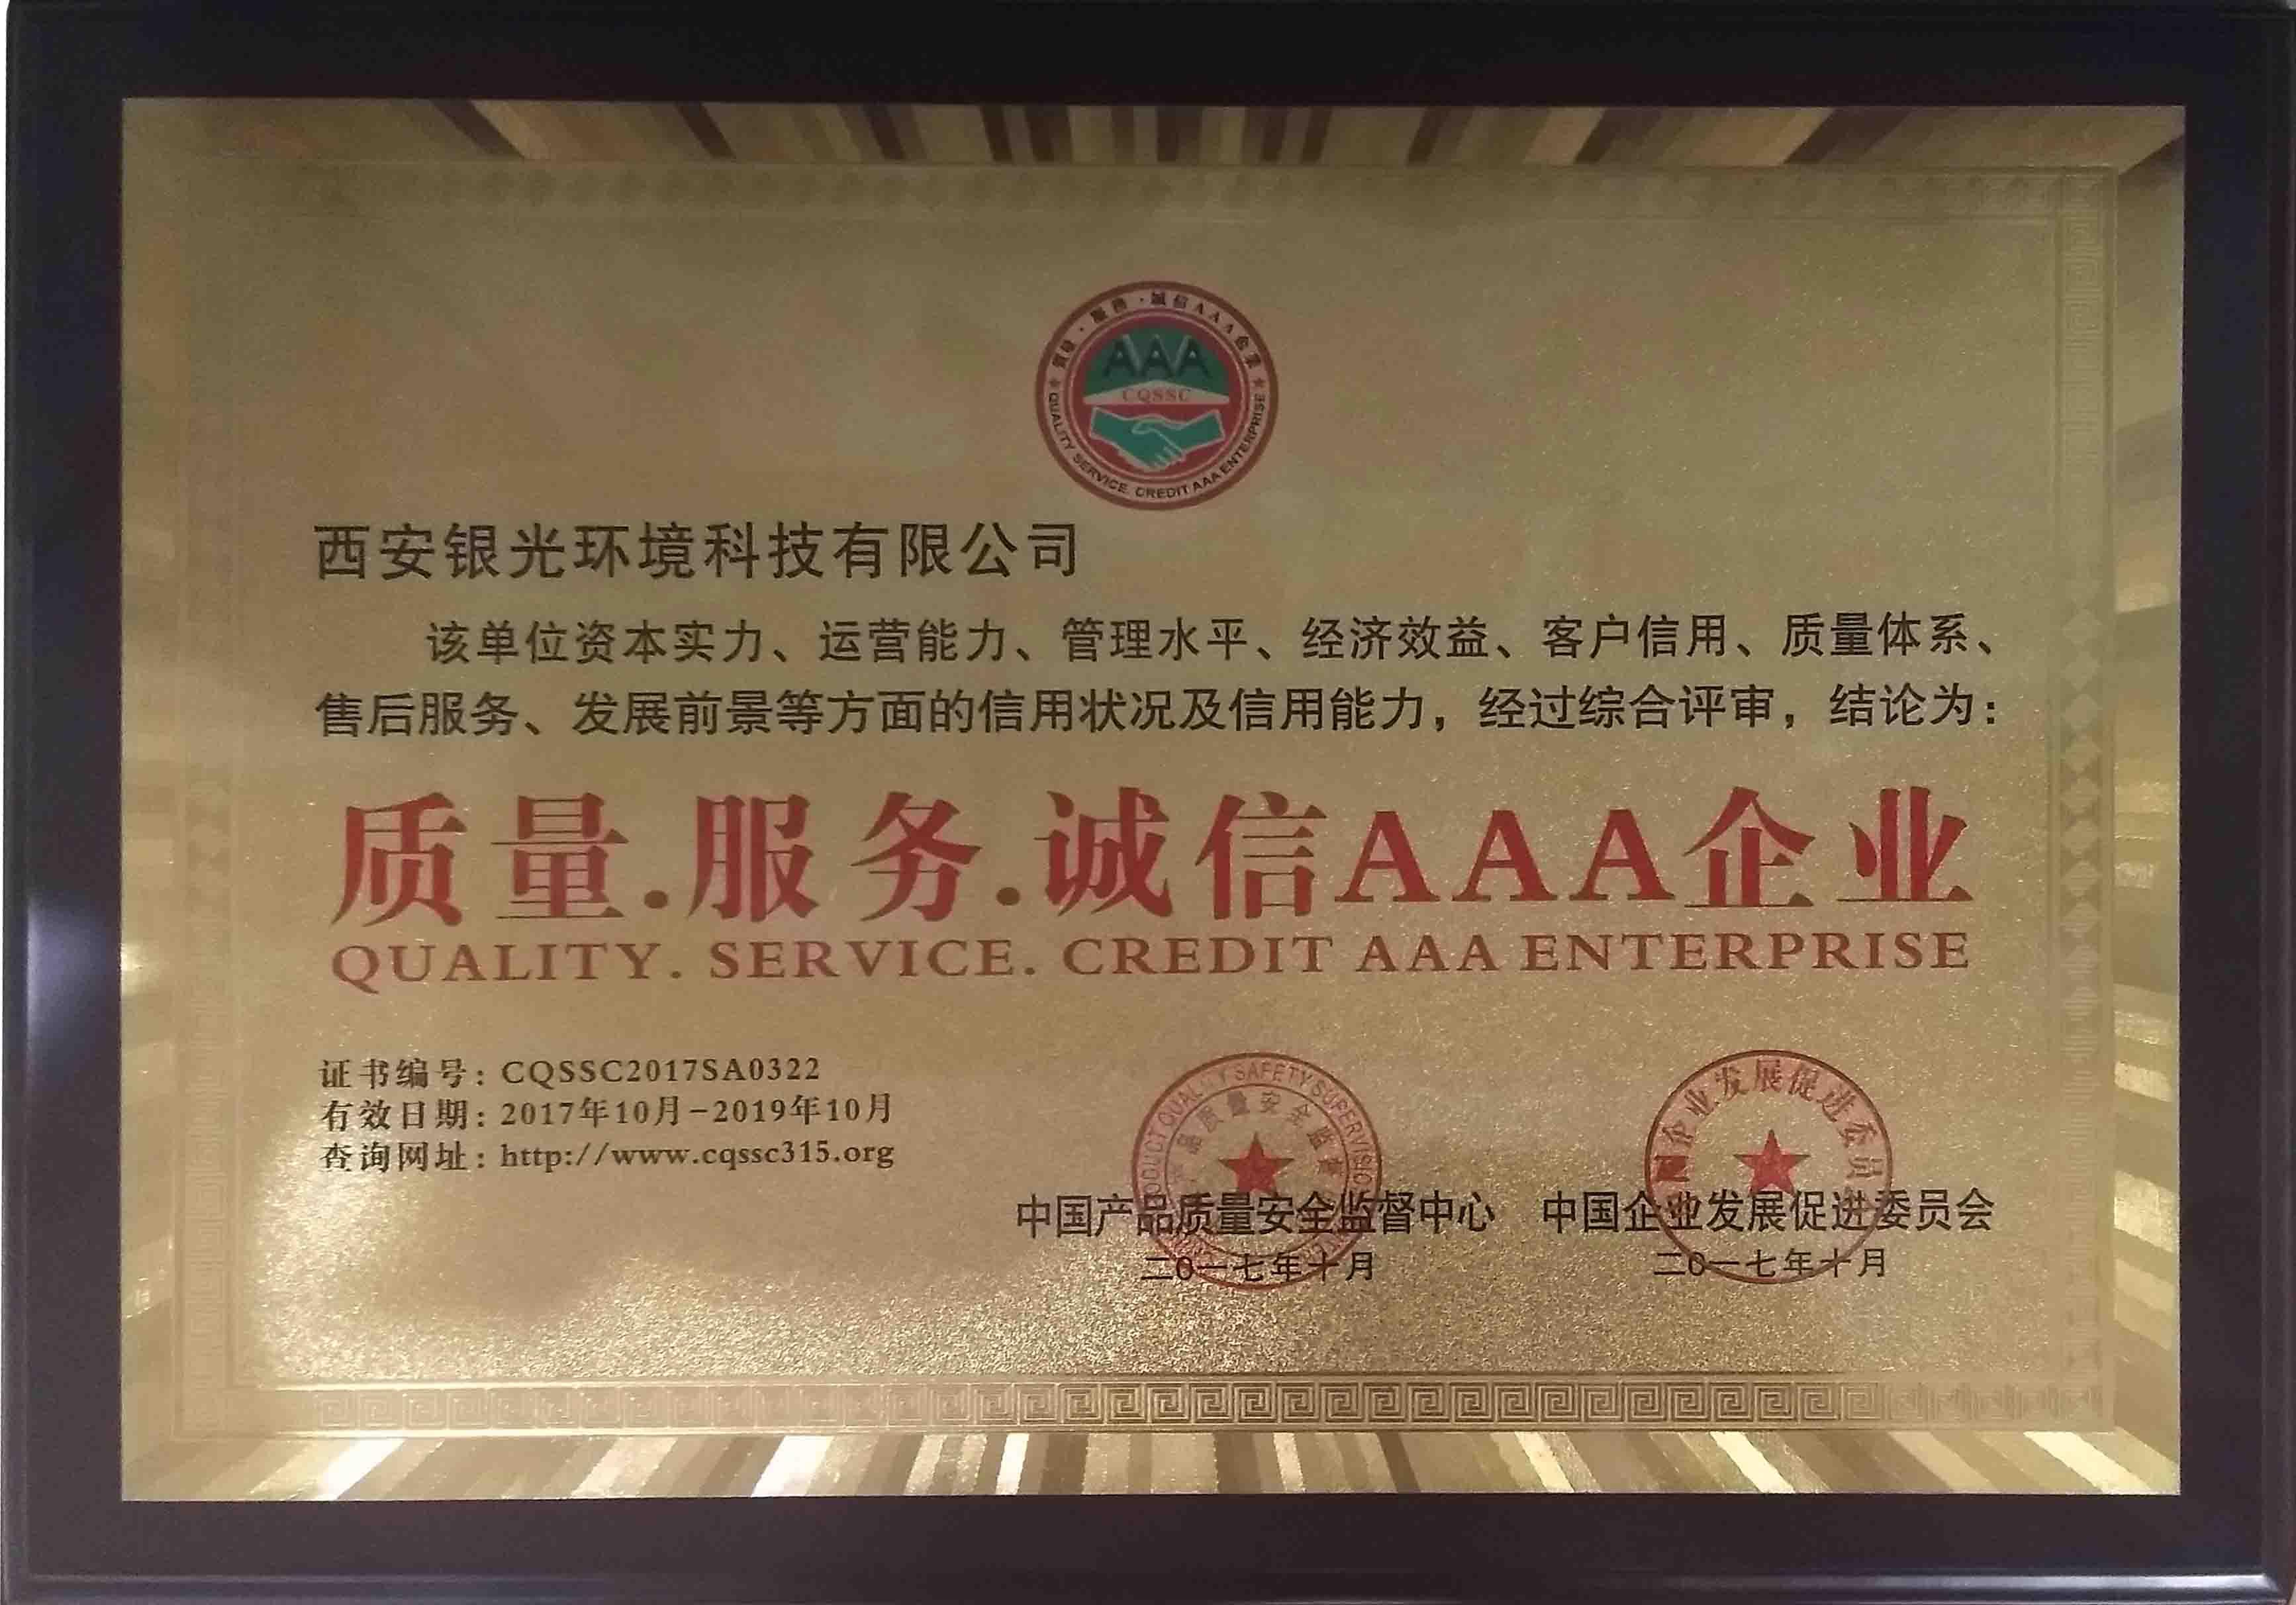 """恭喜银光获得""""质量 · 服务 · 诚信 AAA企业""""称号"""